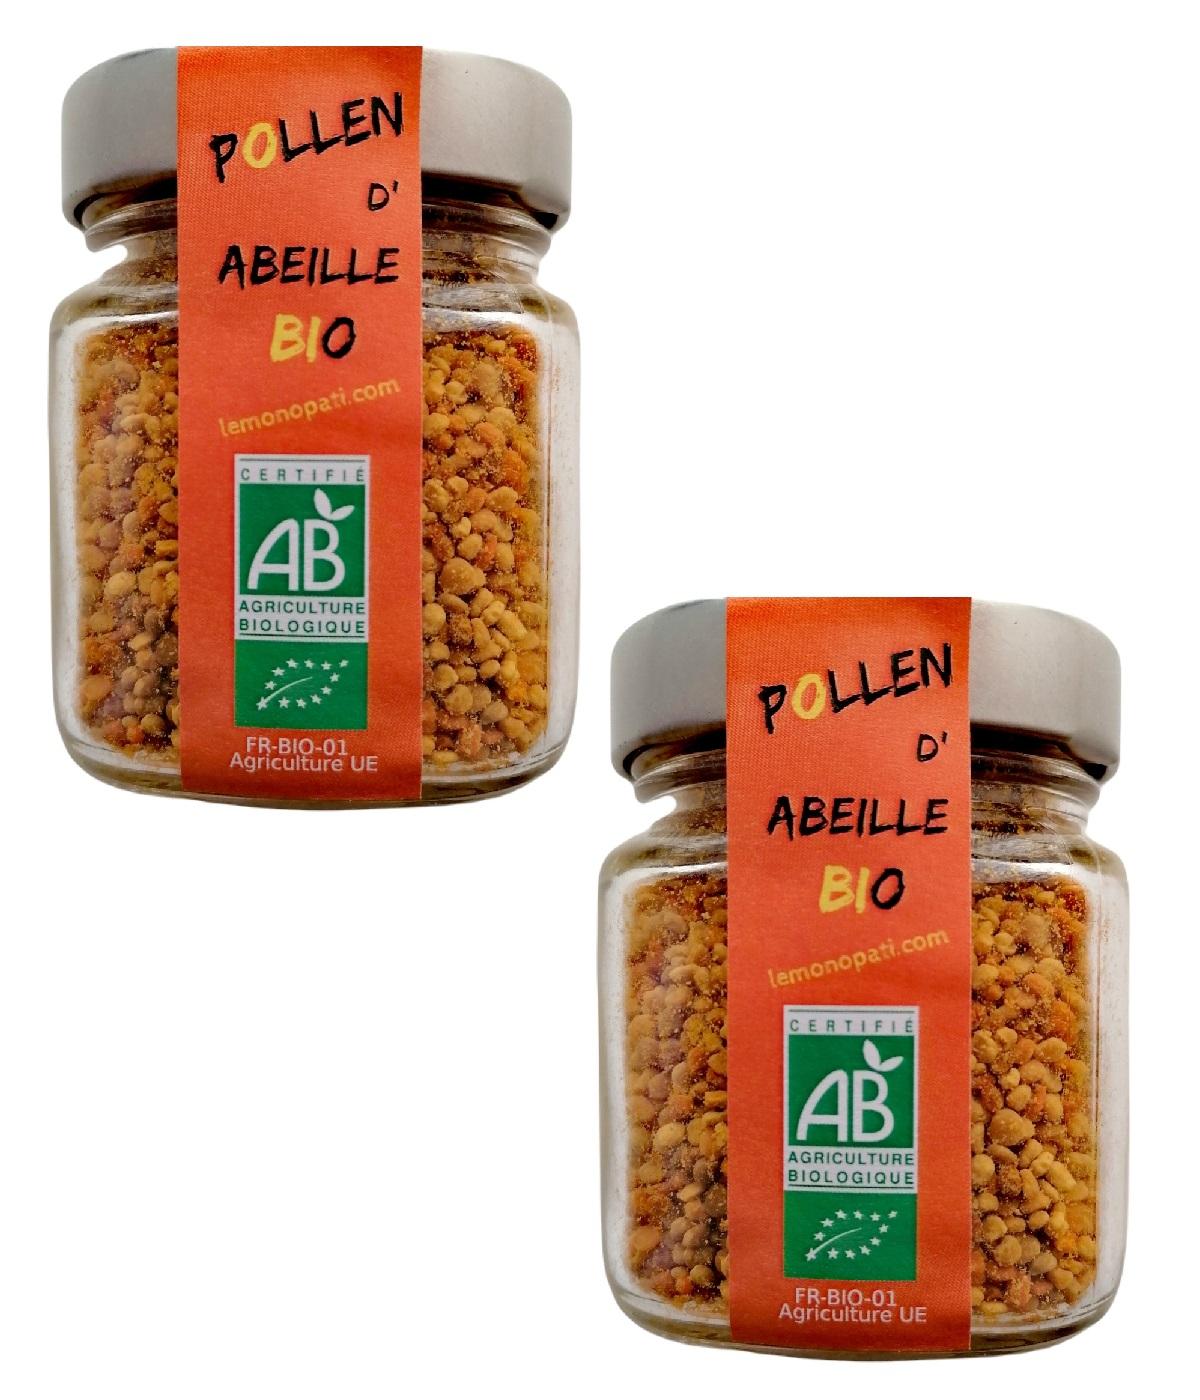 LE MONOPATI - 2 Pièces Pollen d'Abeille Bio 125g/pièce